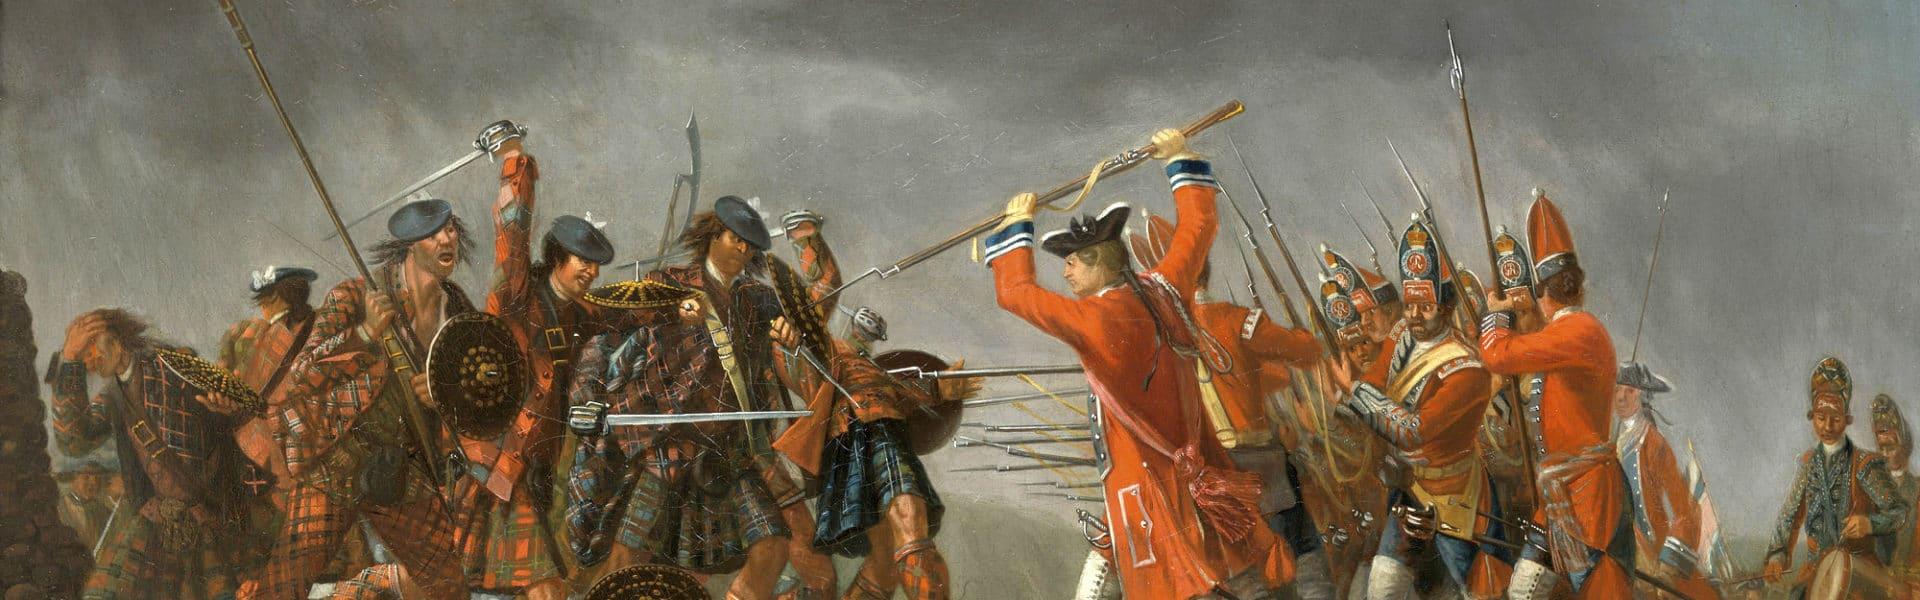 Slaget vid Culloden år 1746